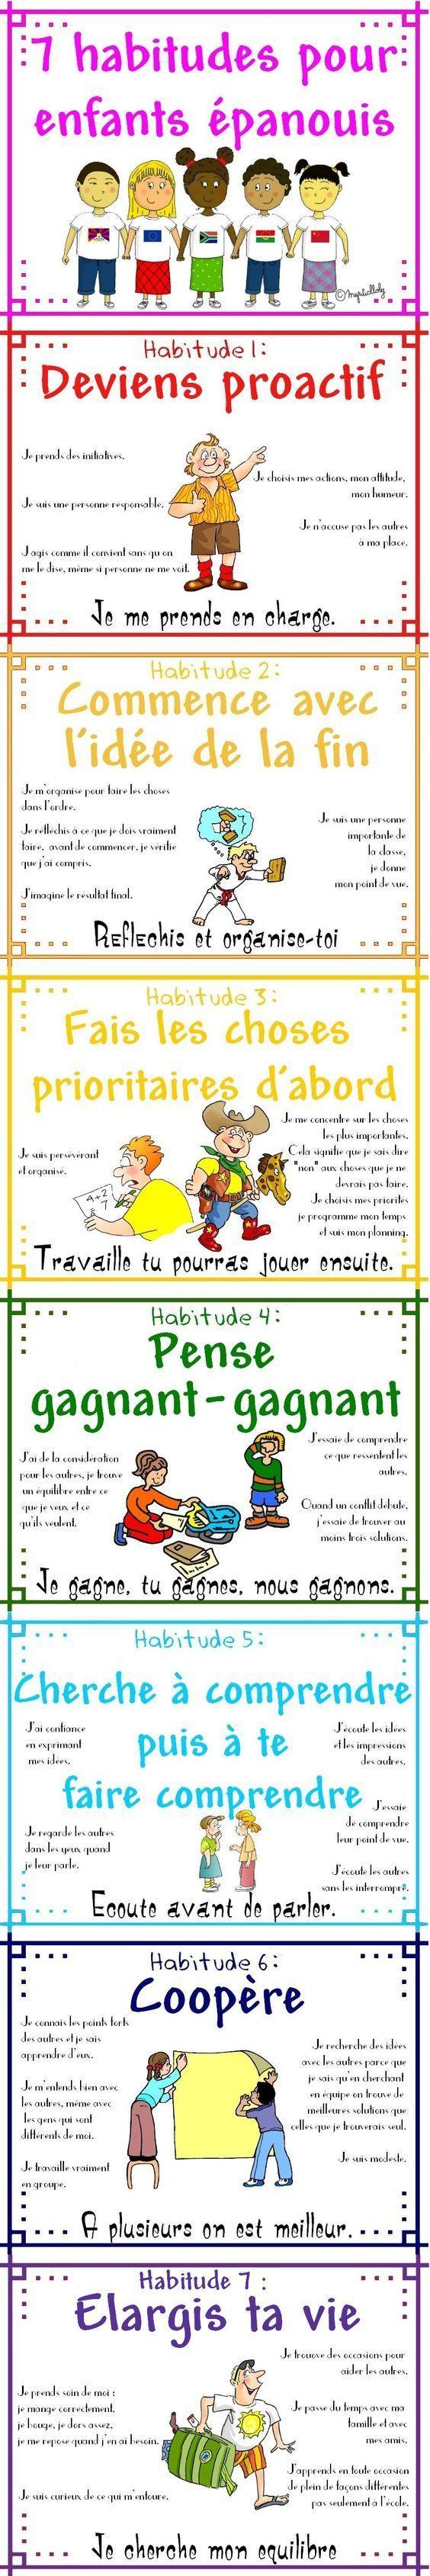 Educational infographic : 7 habitudes pour enfants Ãpanouis. Ca marche aussi pour les adultes !!!: